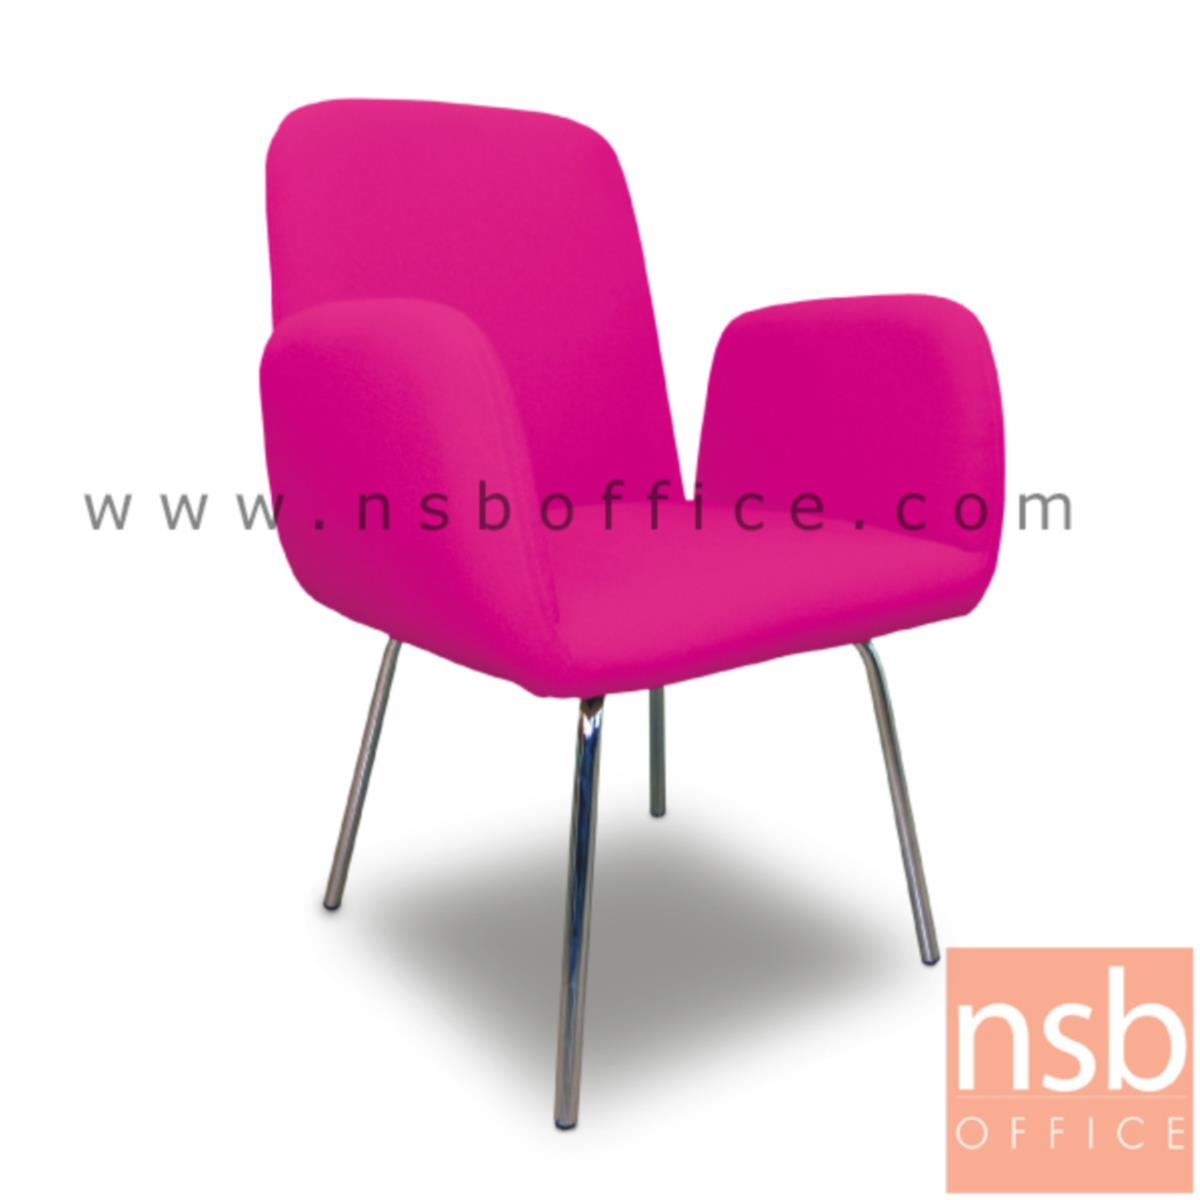 เก้าอี้พักผ่อนหนังเทียม  รุ่น Knopfler (นอฟเลอร์) ขนาด 61W cm. ขาเหล็กชุบโครเมี่ยม